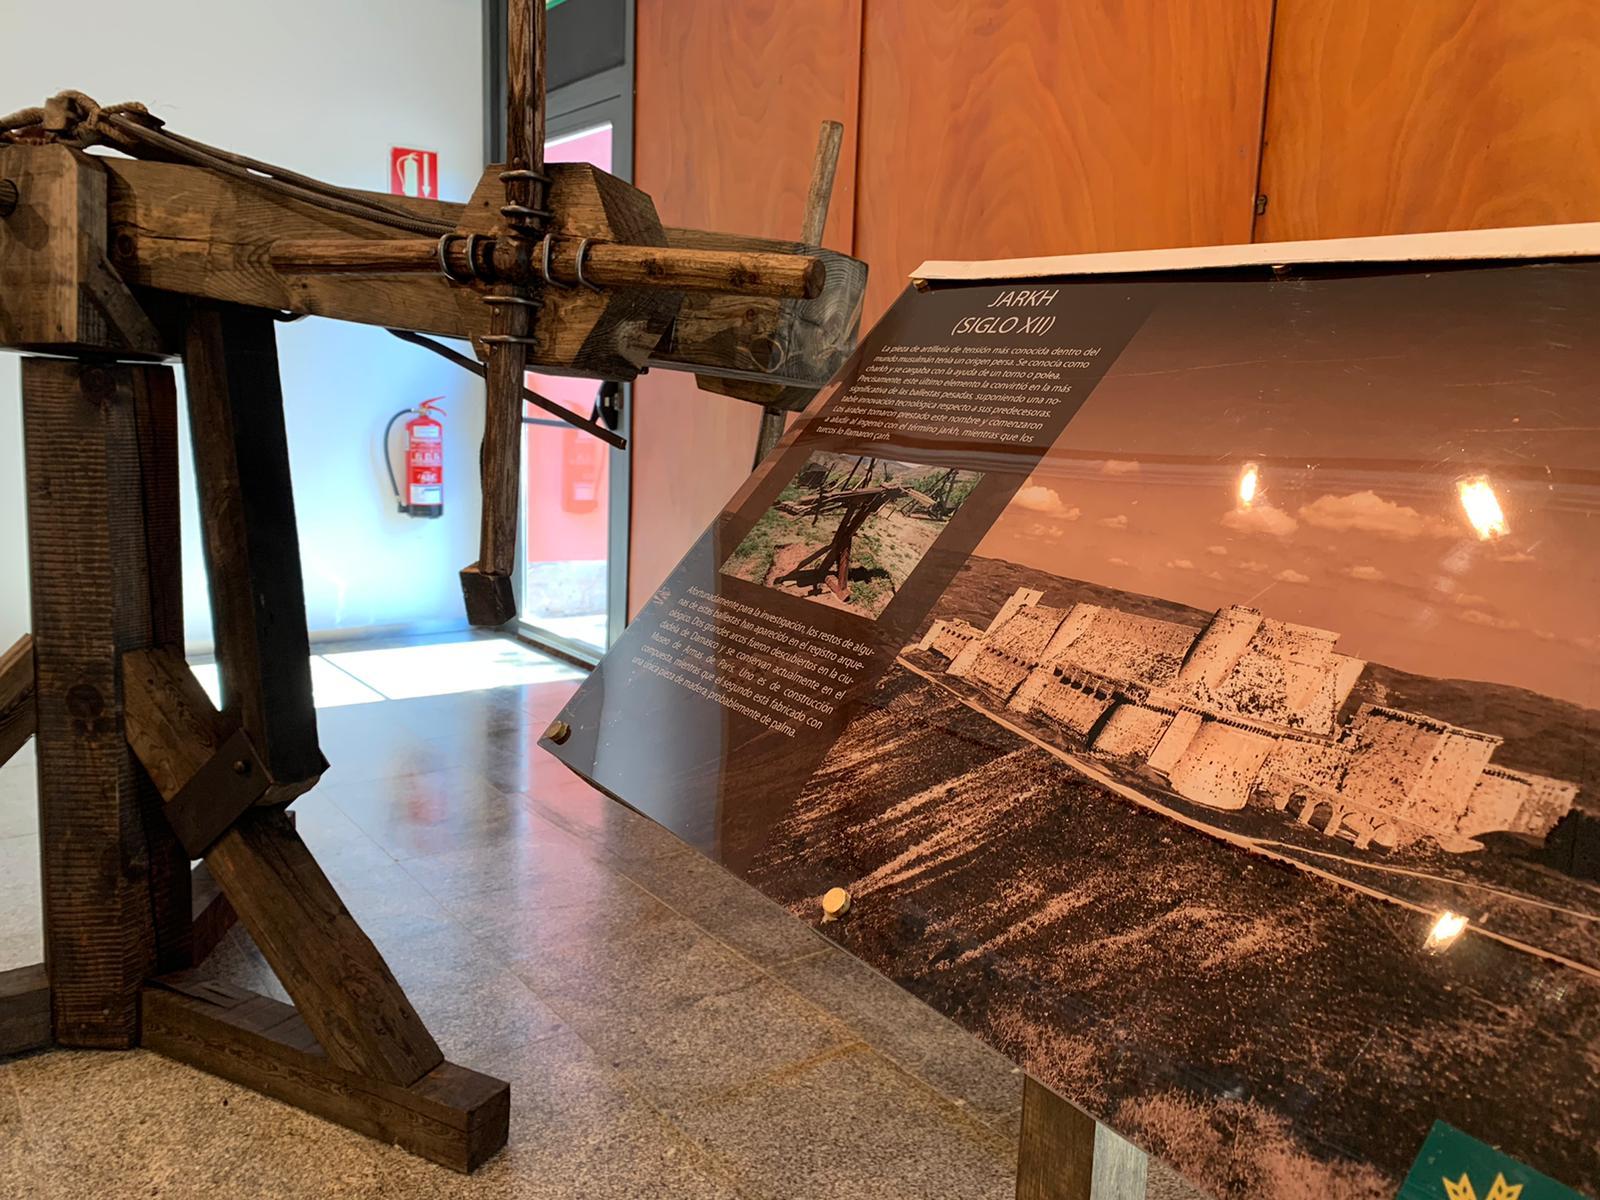 maquinas-de-asedio-15